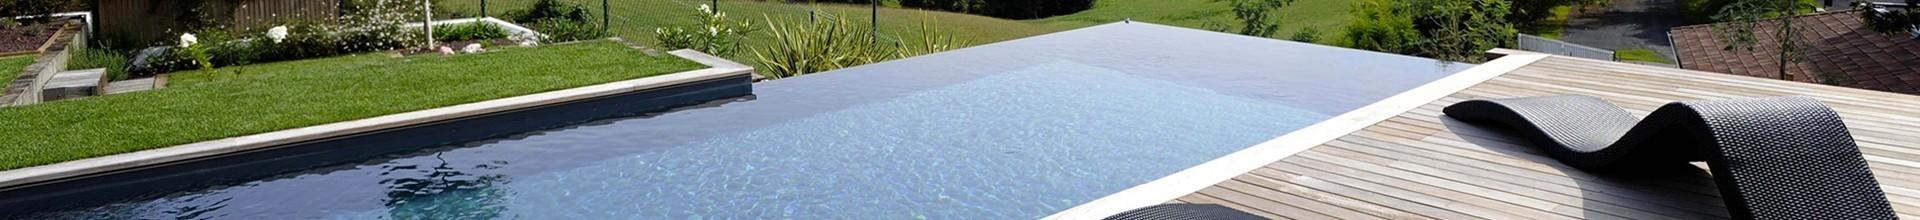 Lozère Occitanie nettoyage d'une piscine en béton, robuste, durable